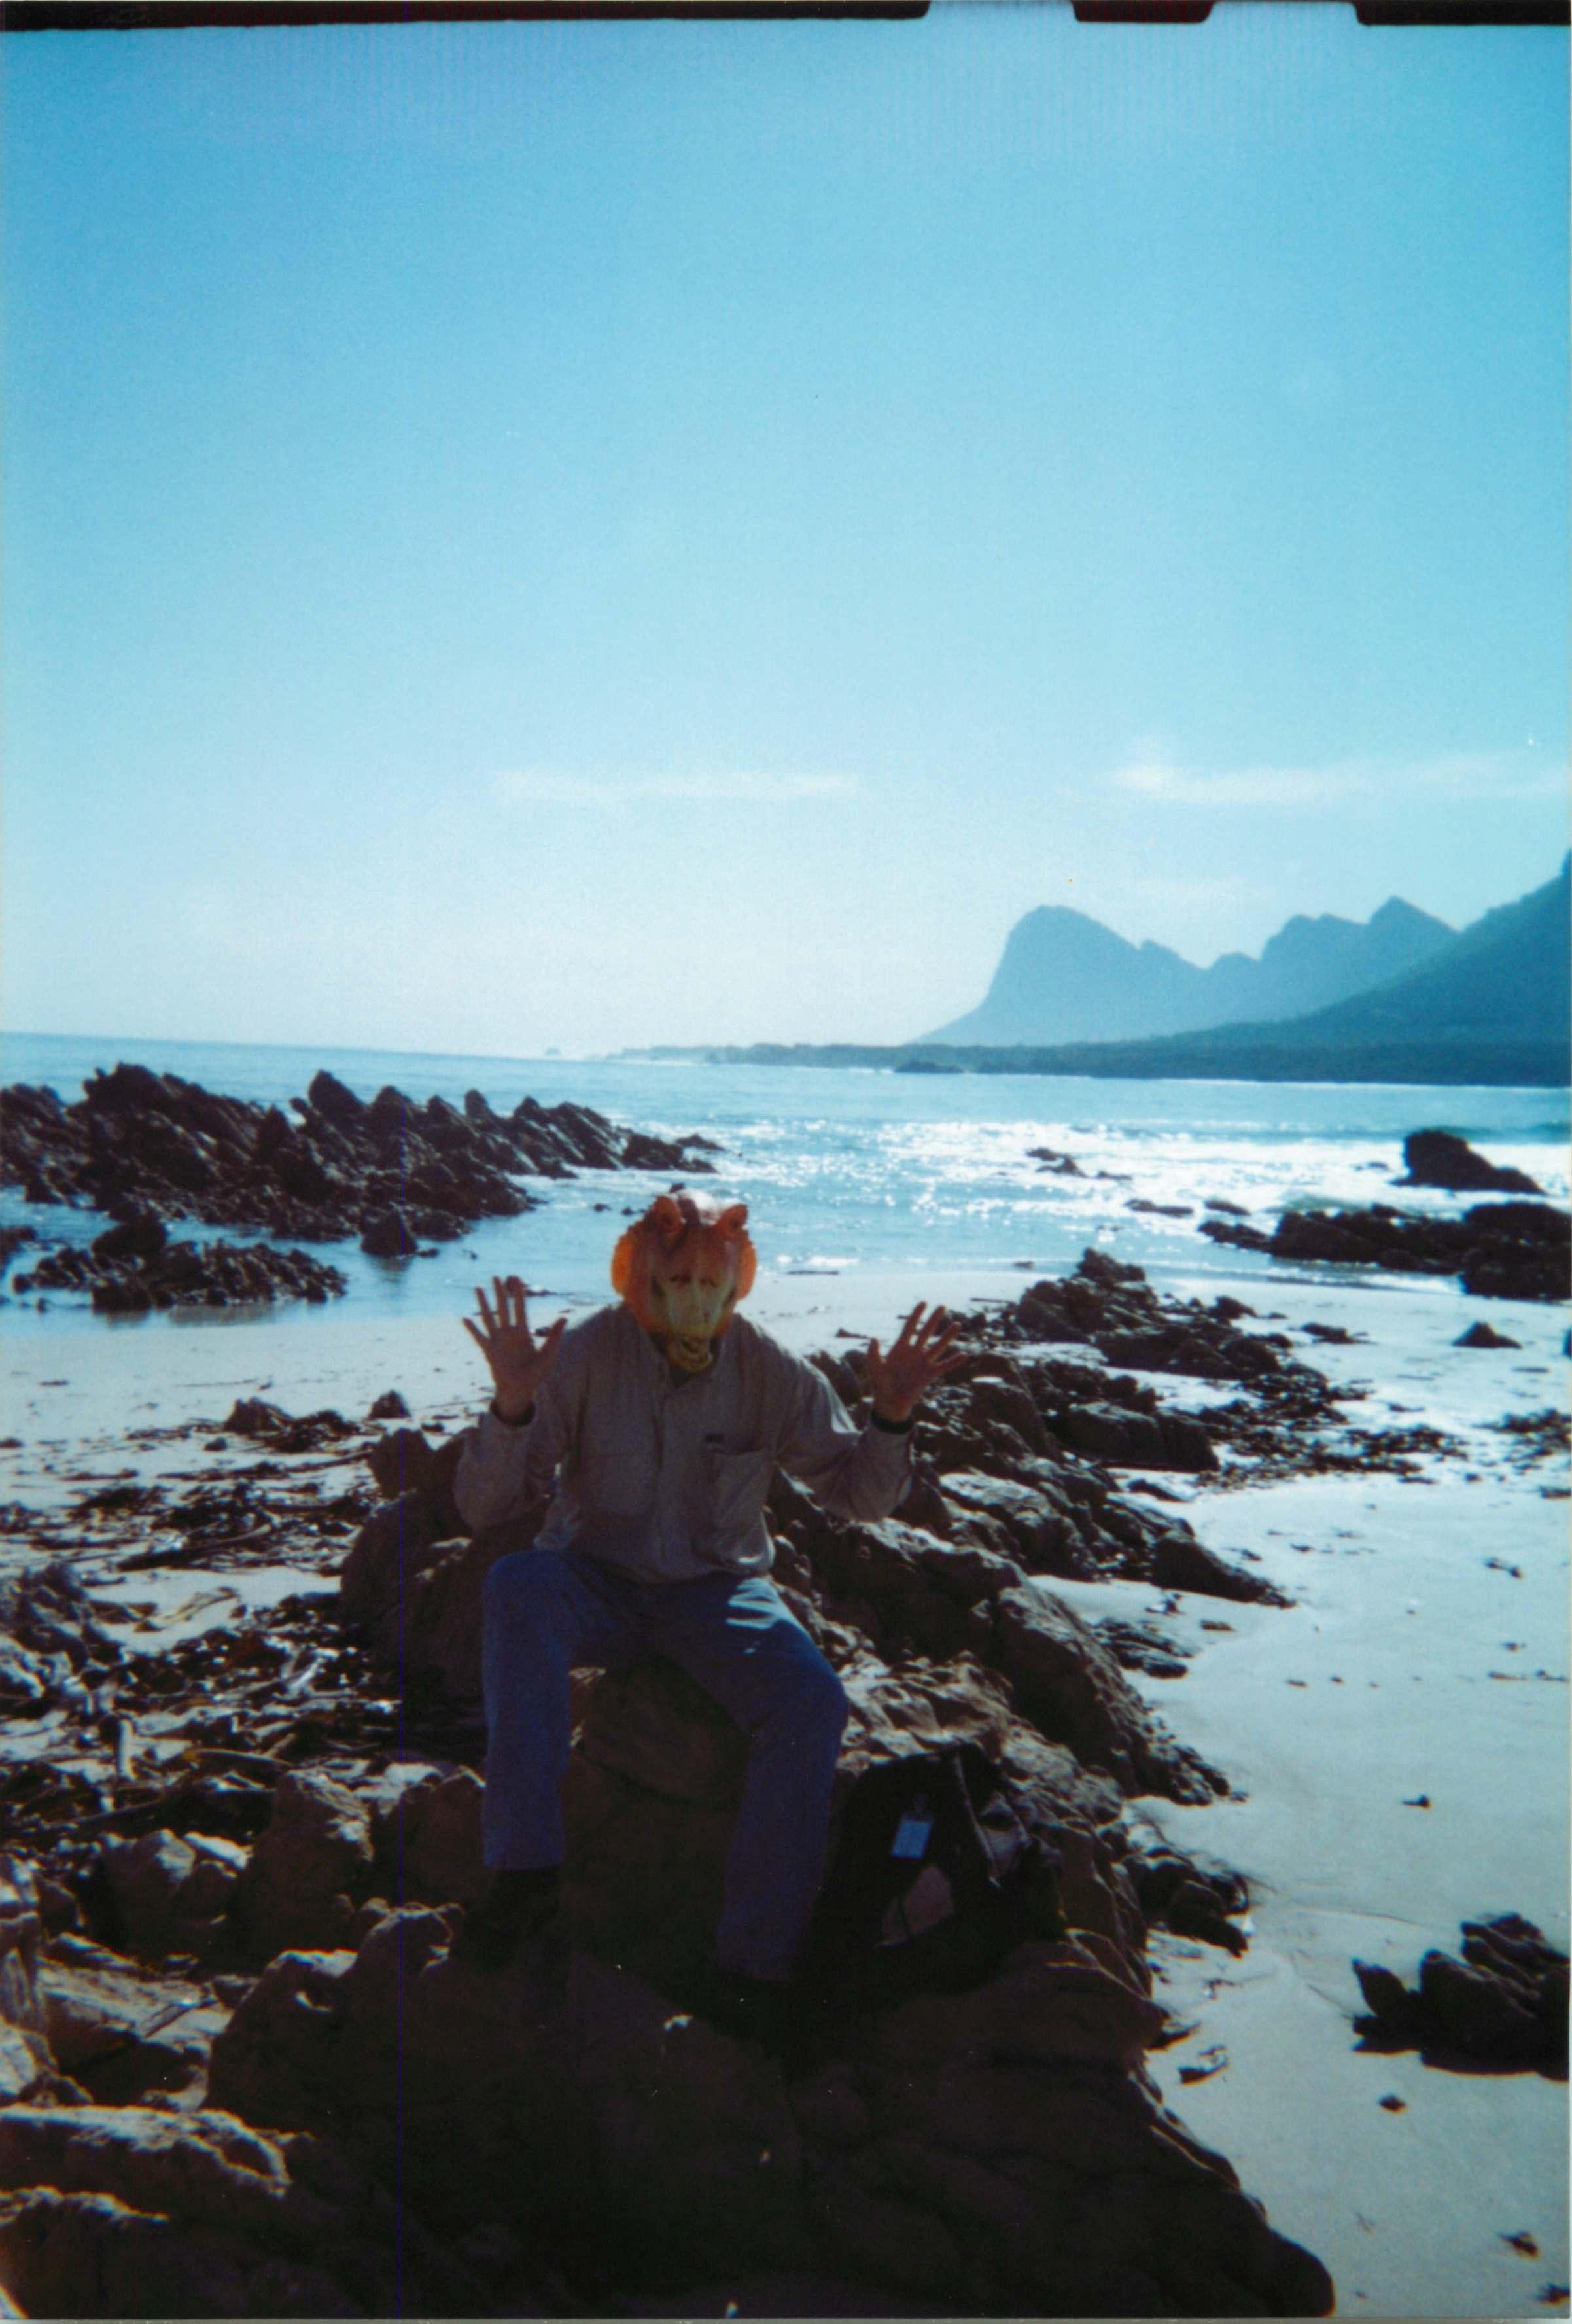 Pringle Bay, Africa 2.jpg